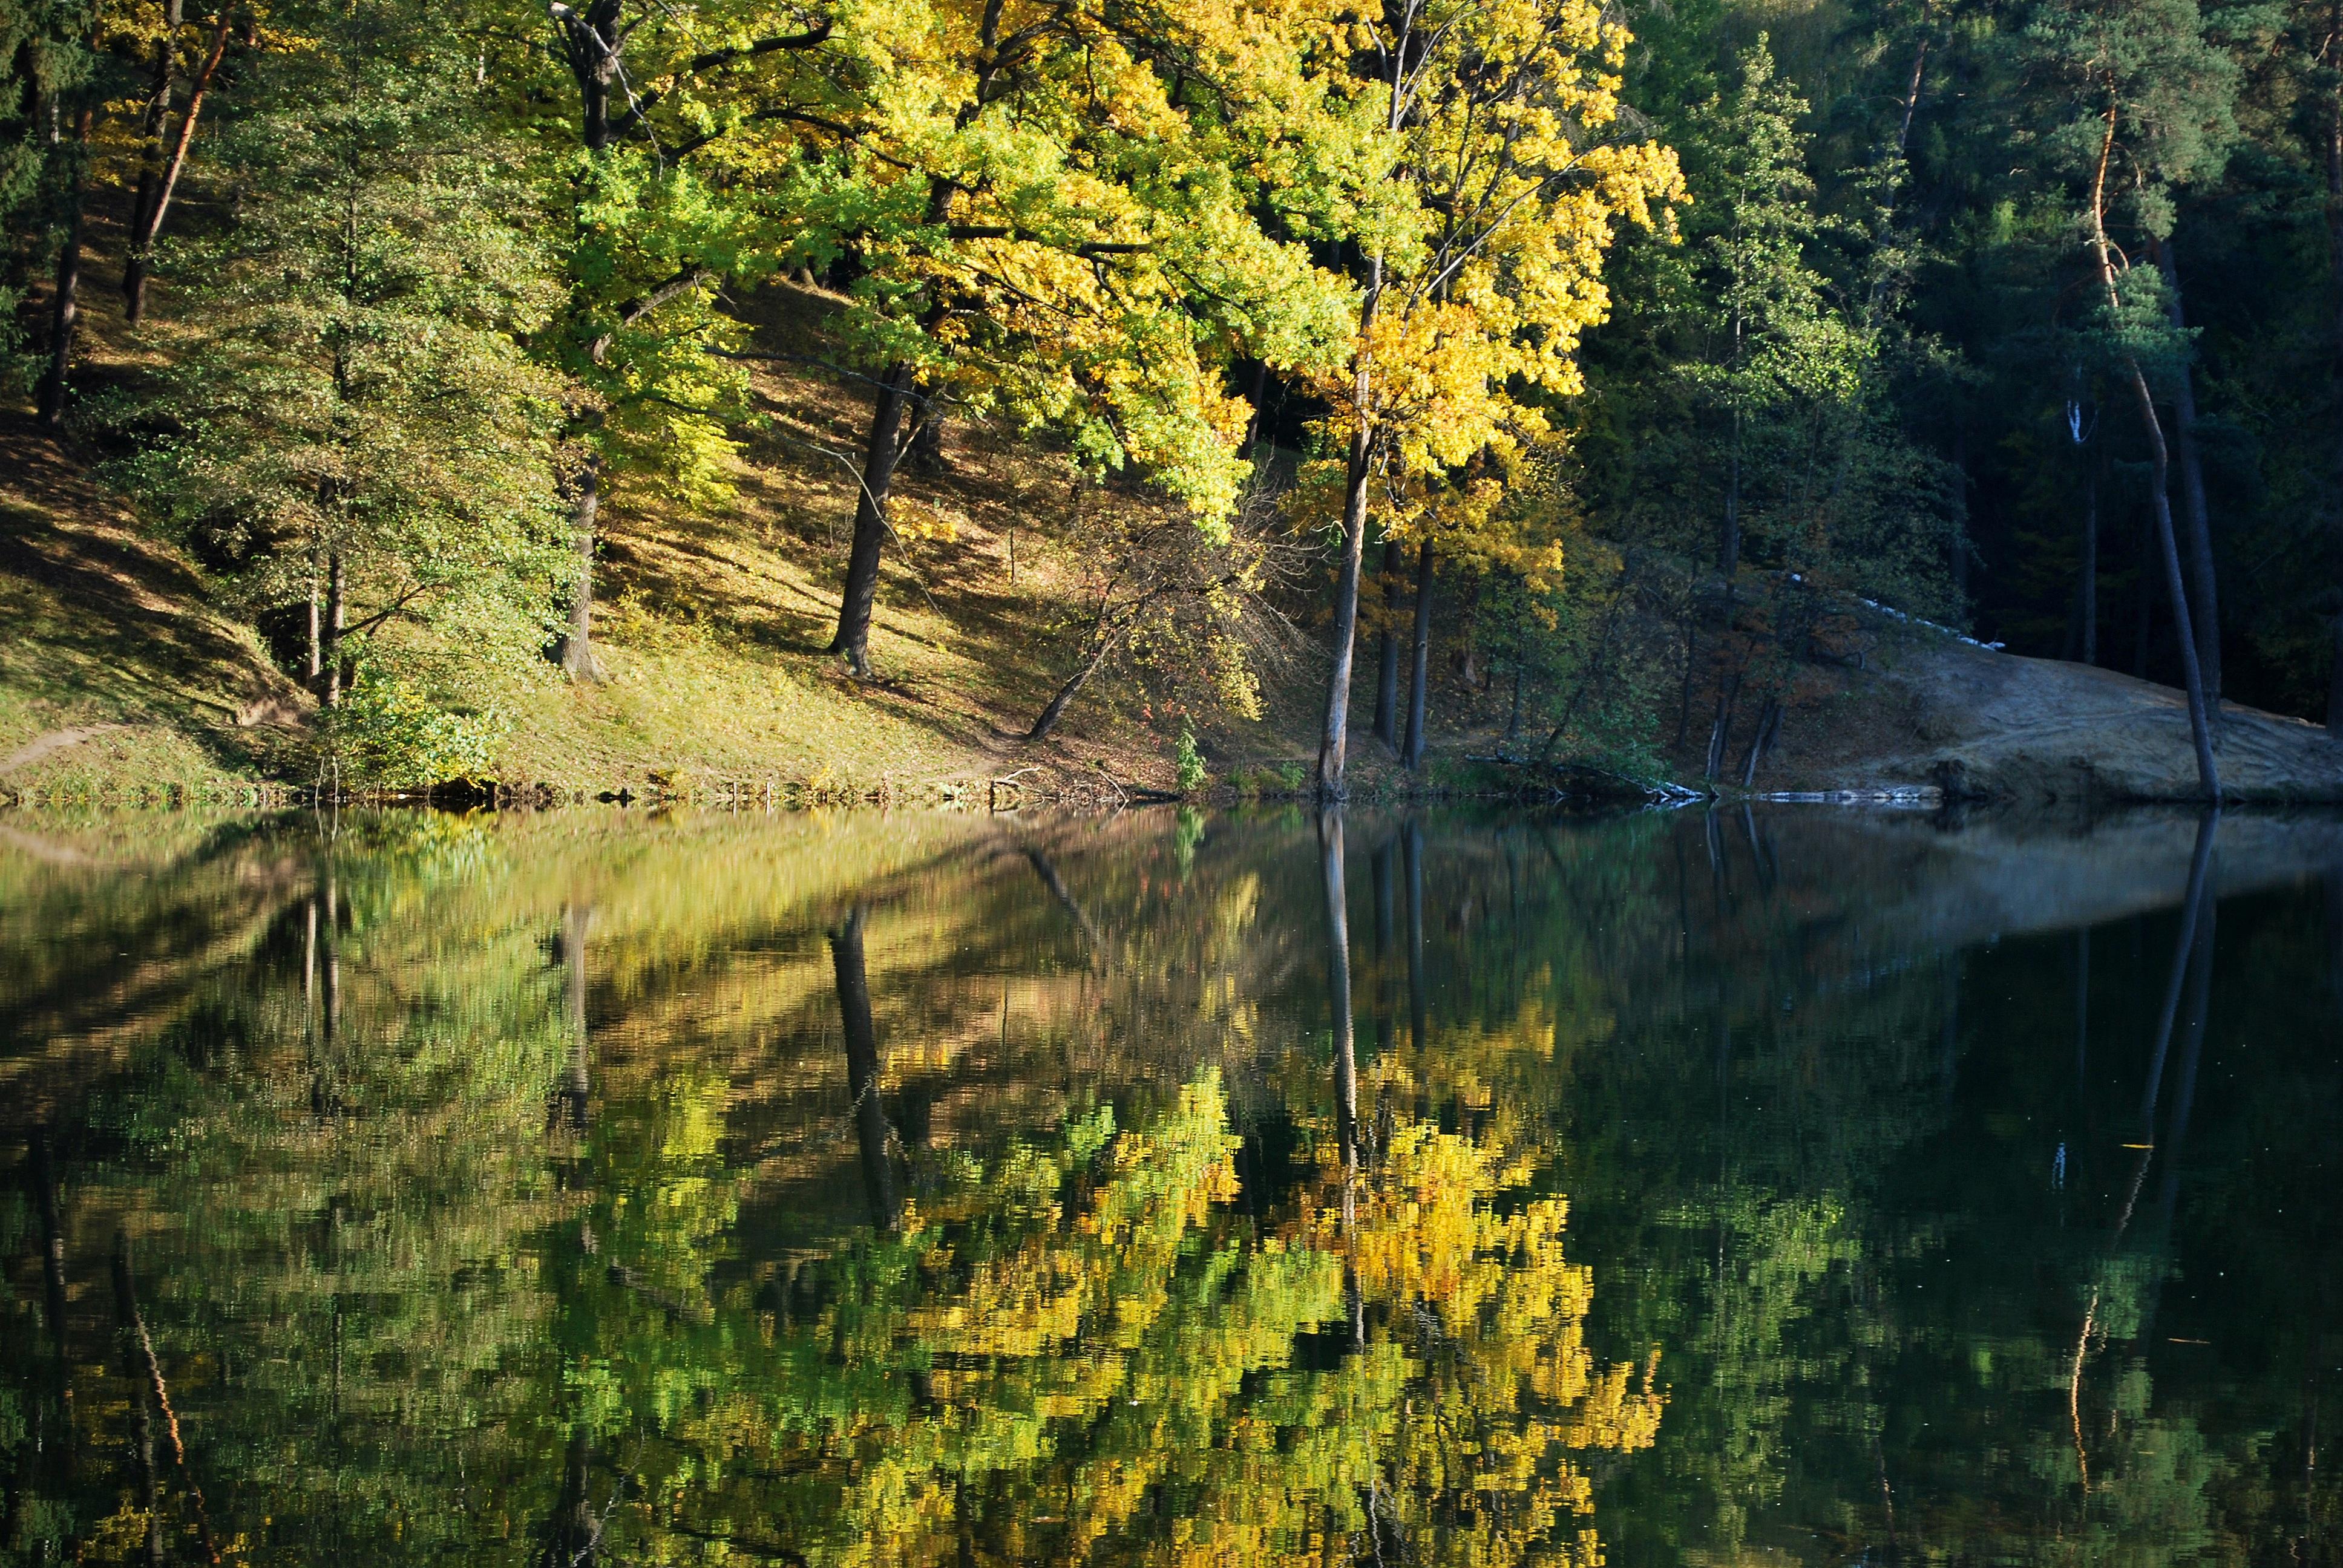 Gambar Pemandangan Pohon Air Rumput Sungai Kecil Rawa